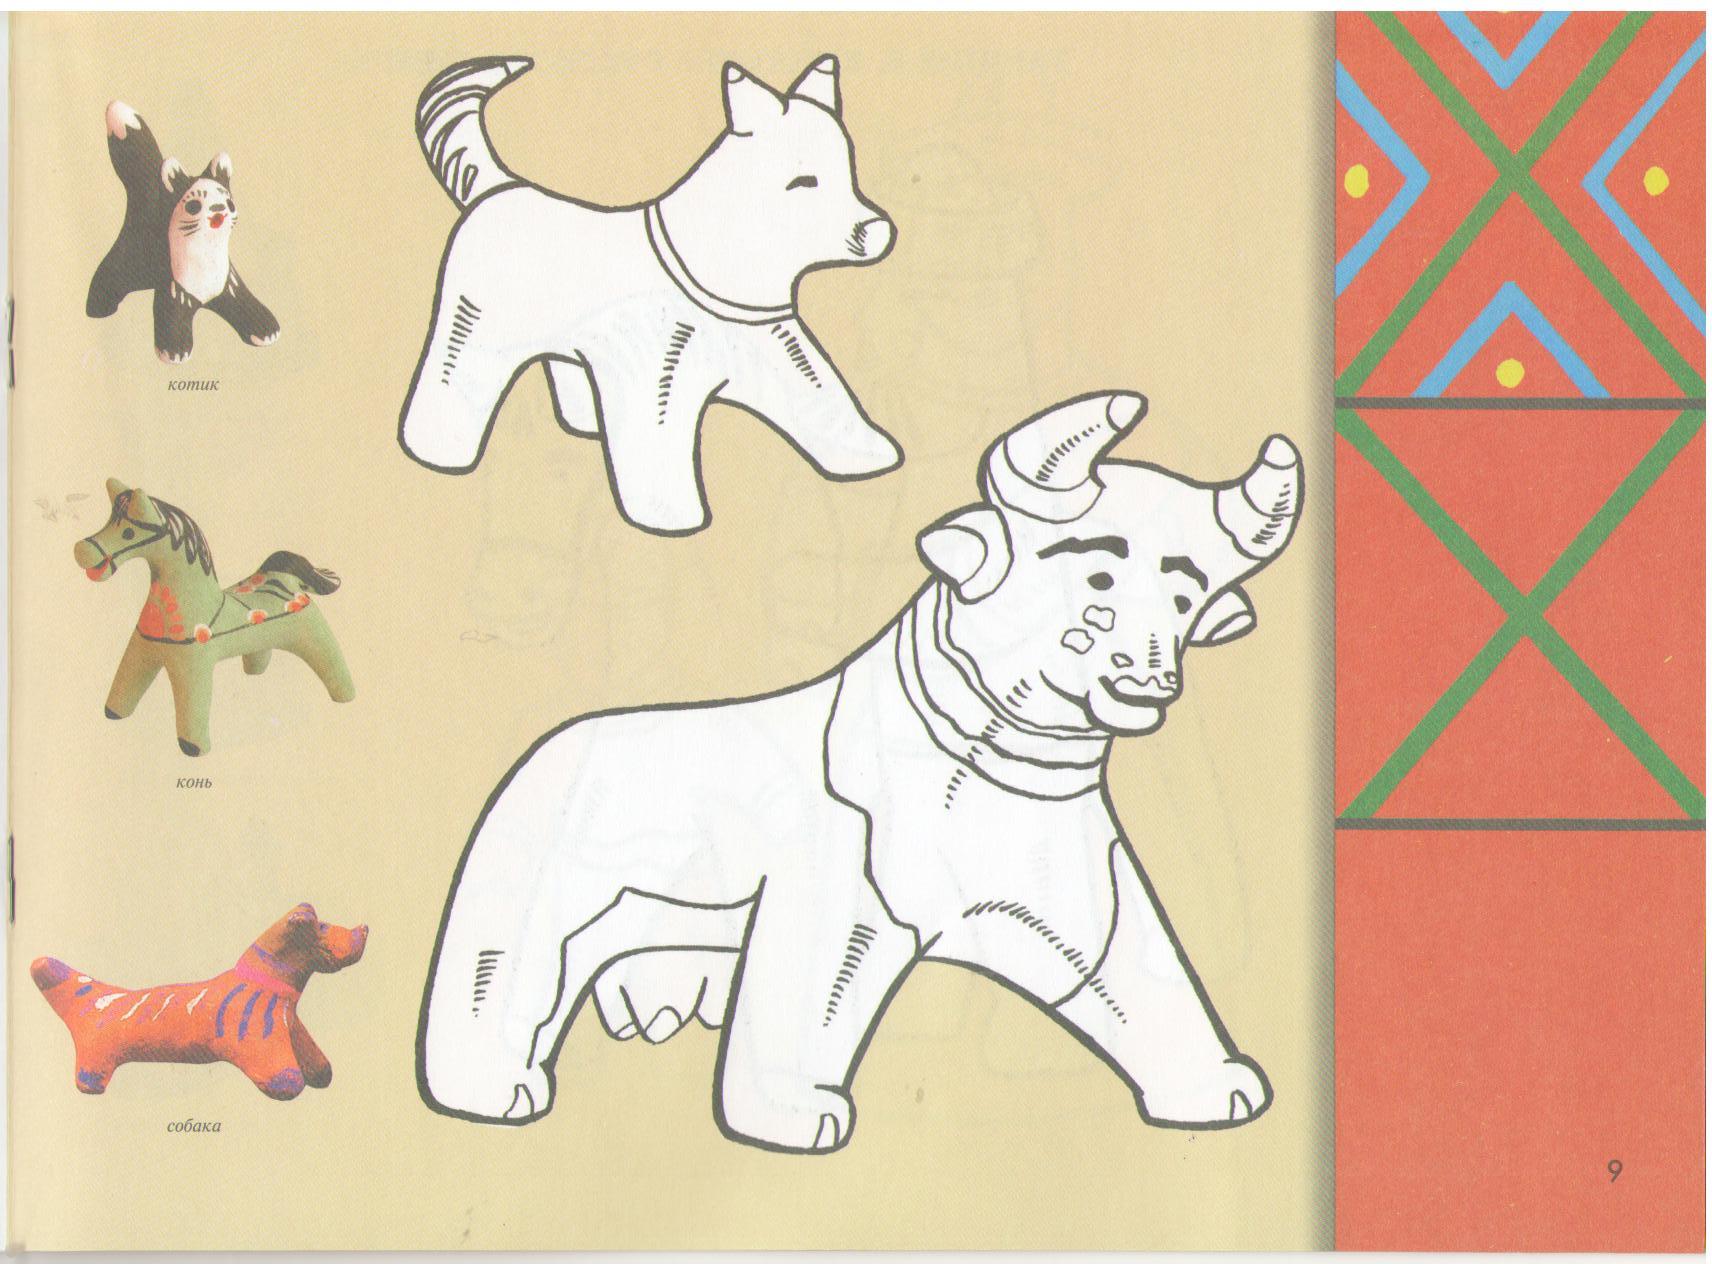 D:\ДАННЫЕ\лена\Поделки из глины и солёного теста\Котик, конь, собачка, бык.jpg